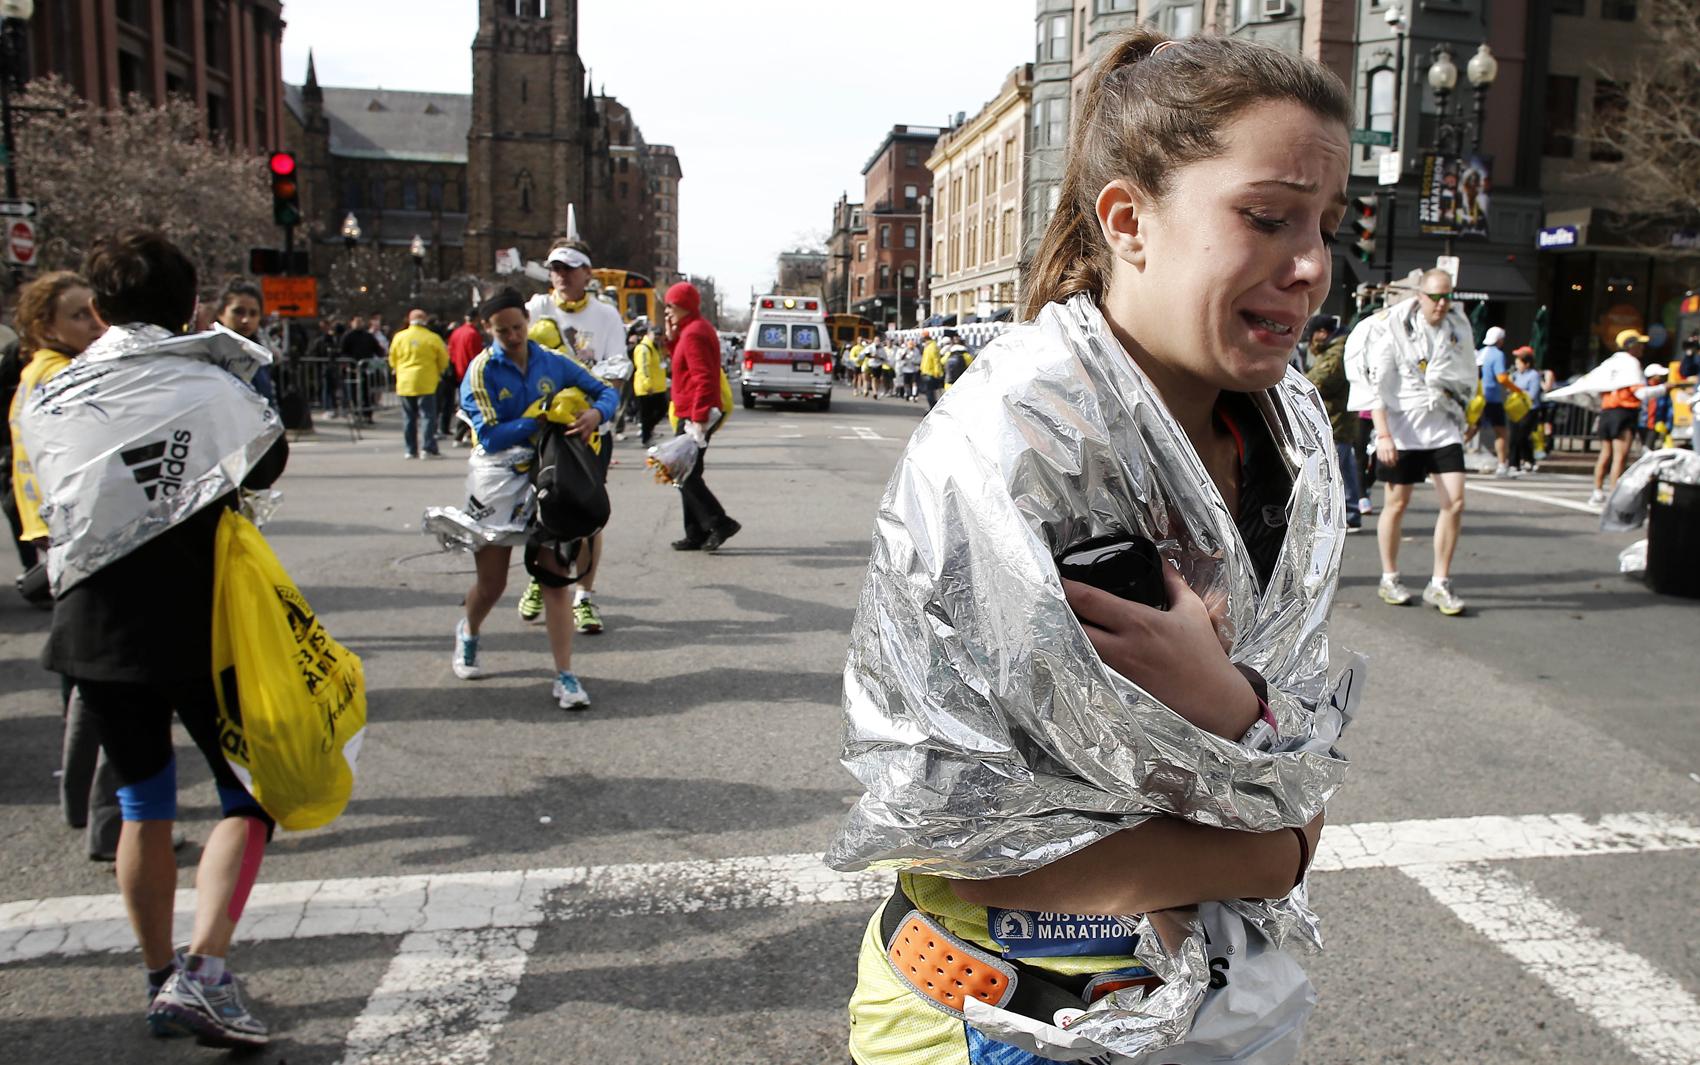 Atleta deixa maratona chorando após explosões perto da linha de chegada em Boston.